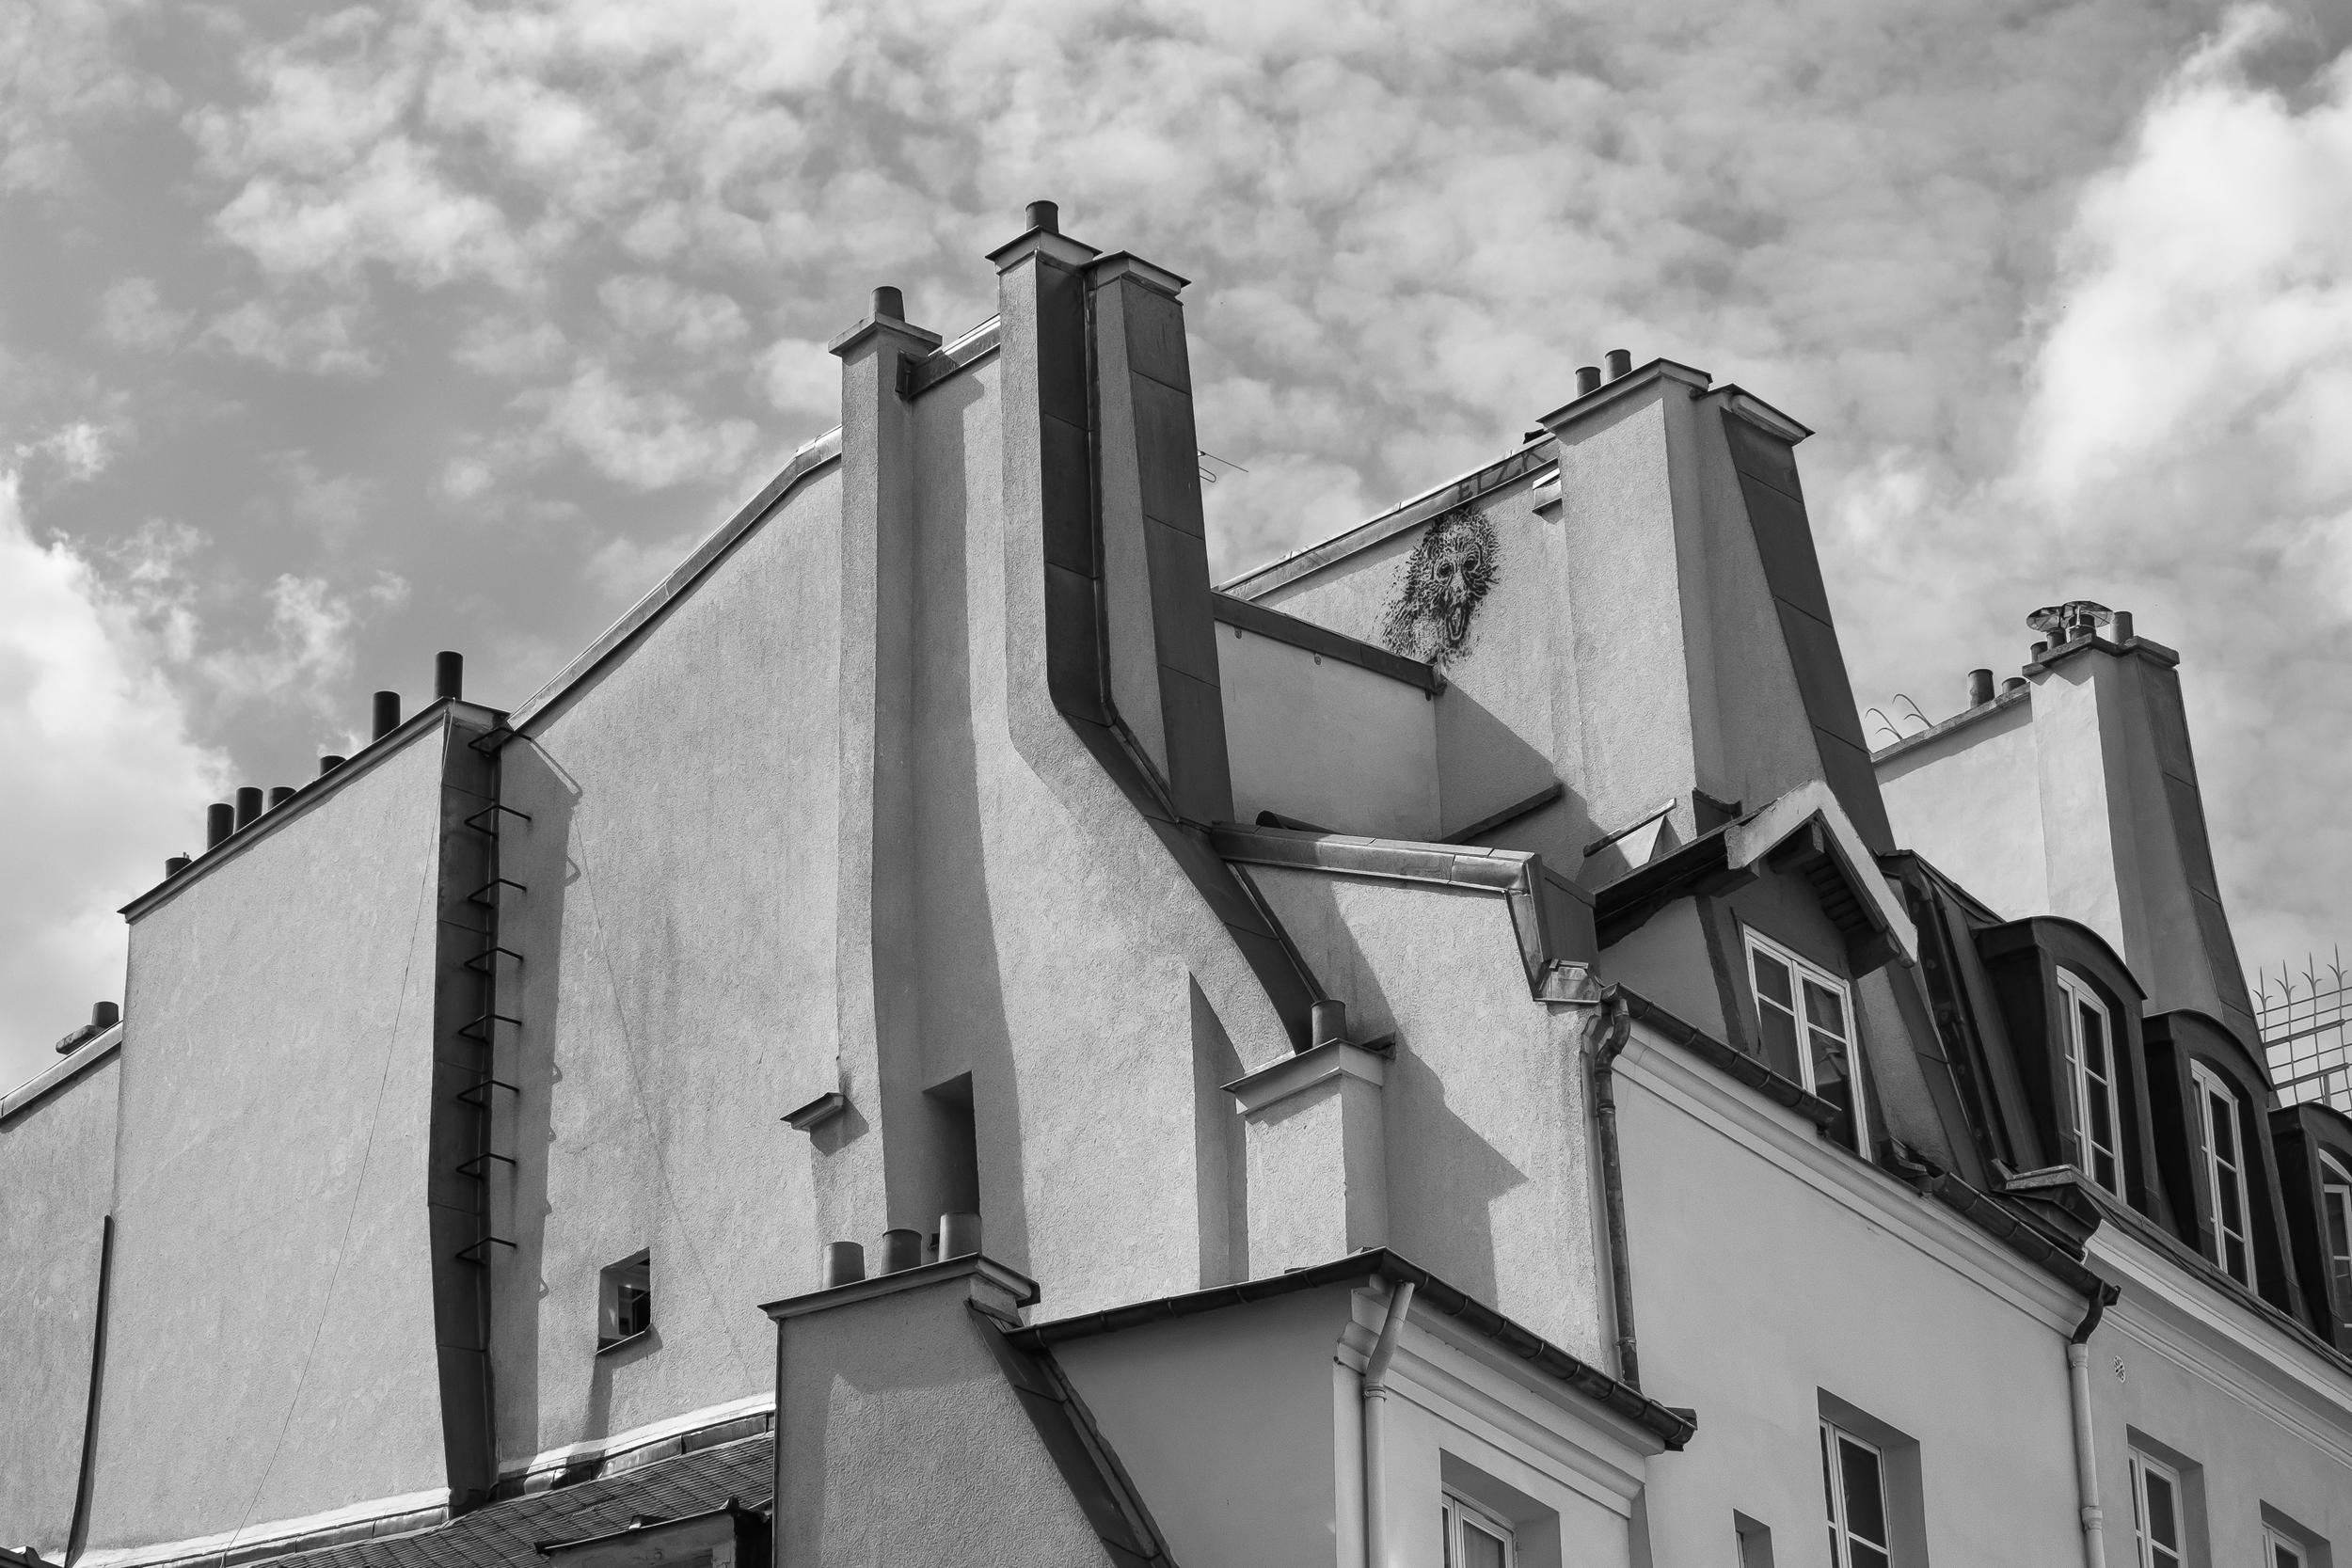 Rooftops and sky, Saint-Germain-des-Prés